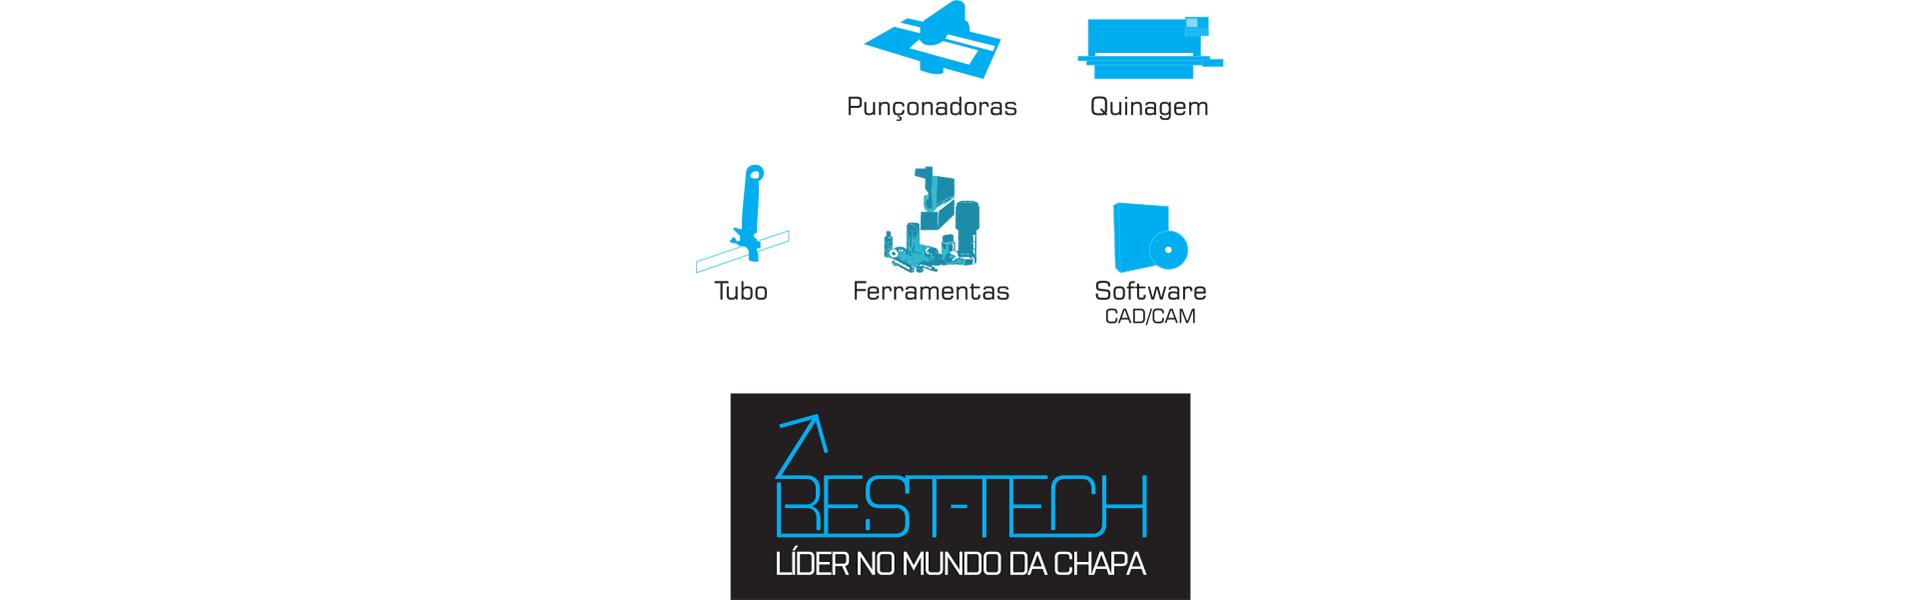 Best-Tech